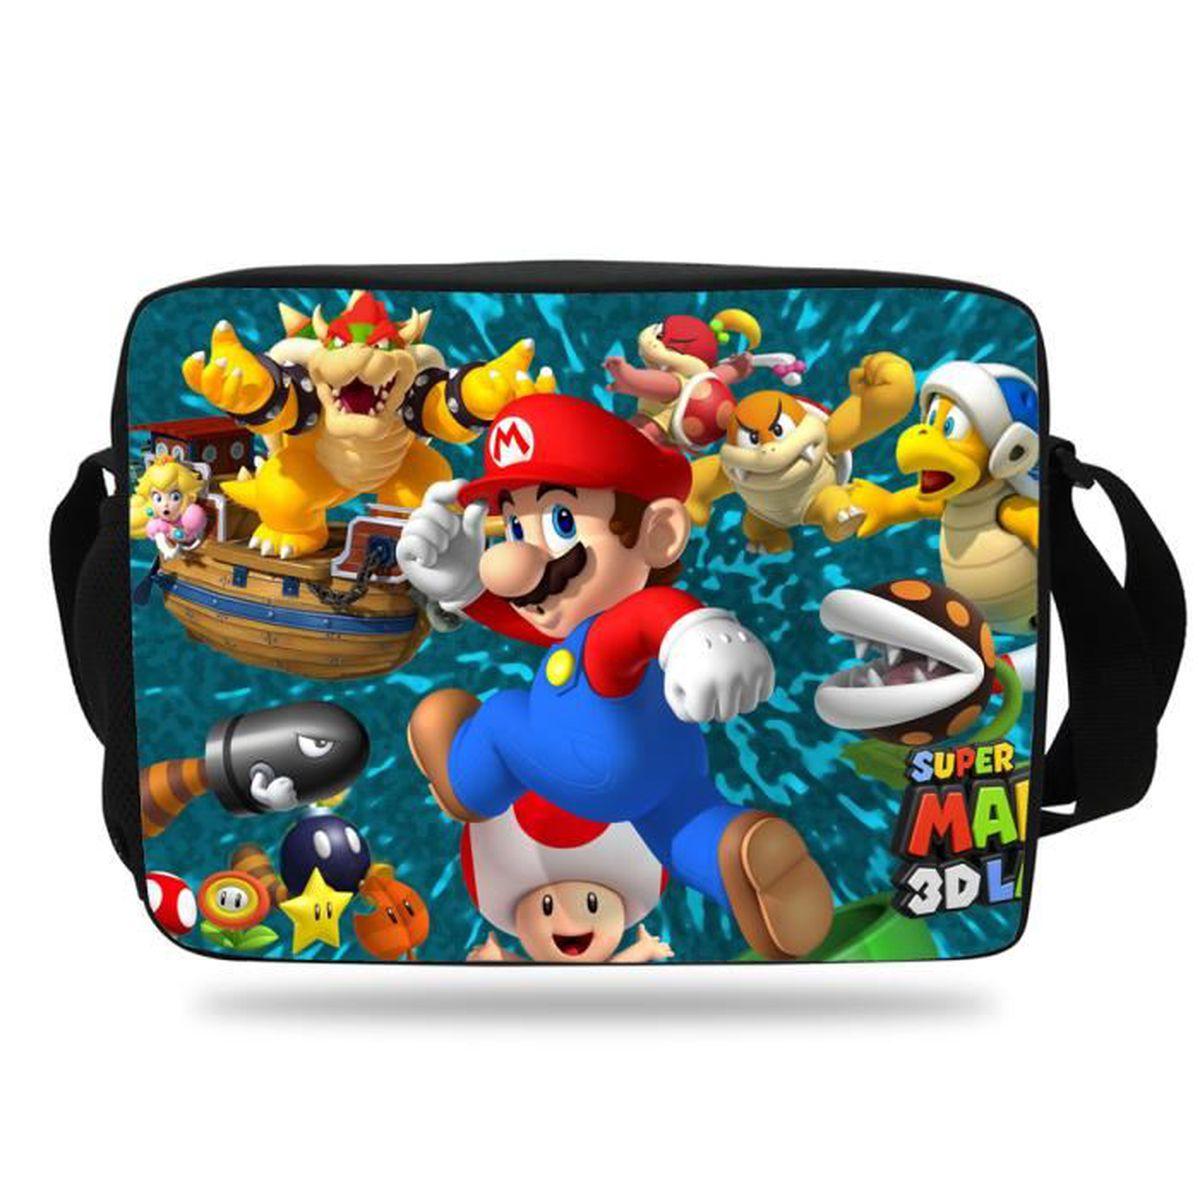 Les Jeunes Populaires De Dessin Animé Personnage Super Mario